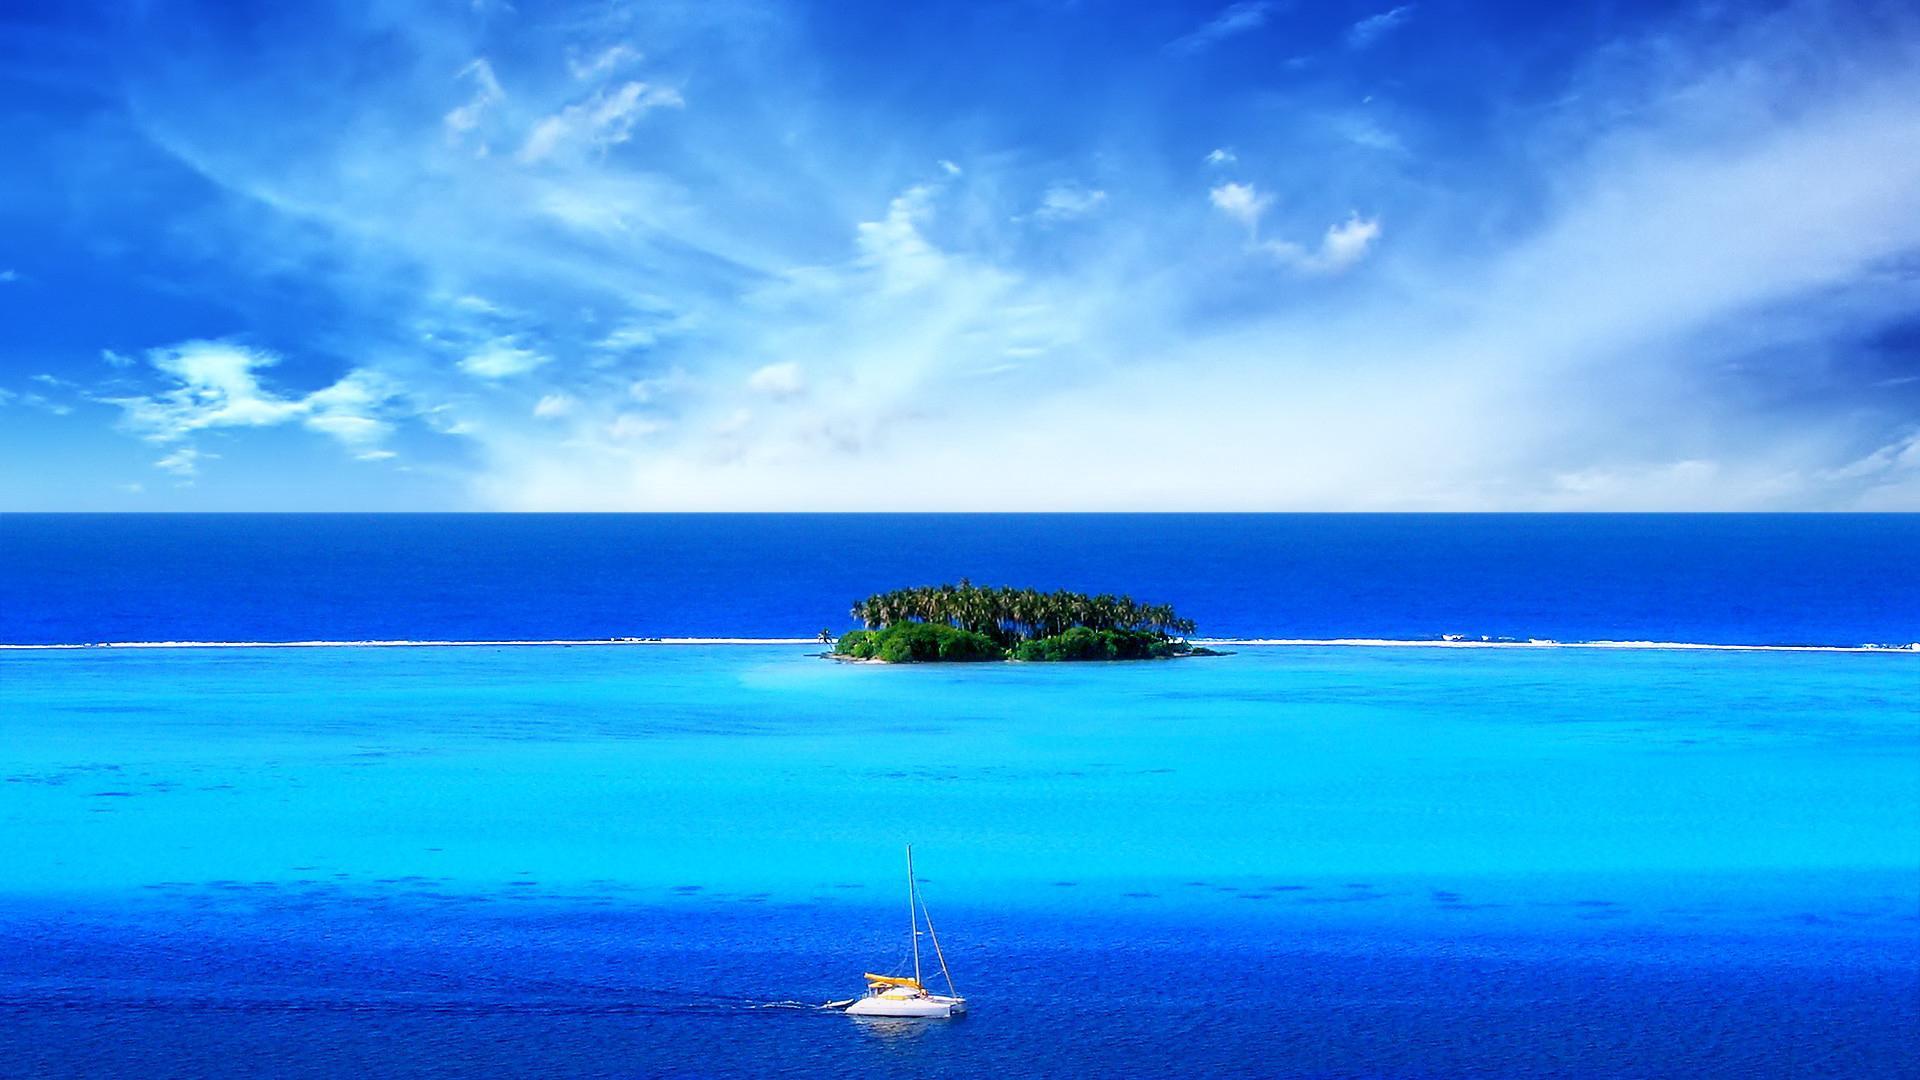 神秘的海上孤岛图片高清宽屏壁纸_图片新闻_东方头条